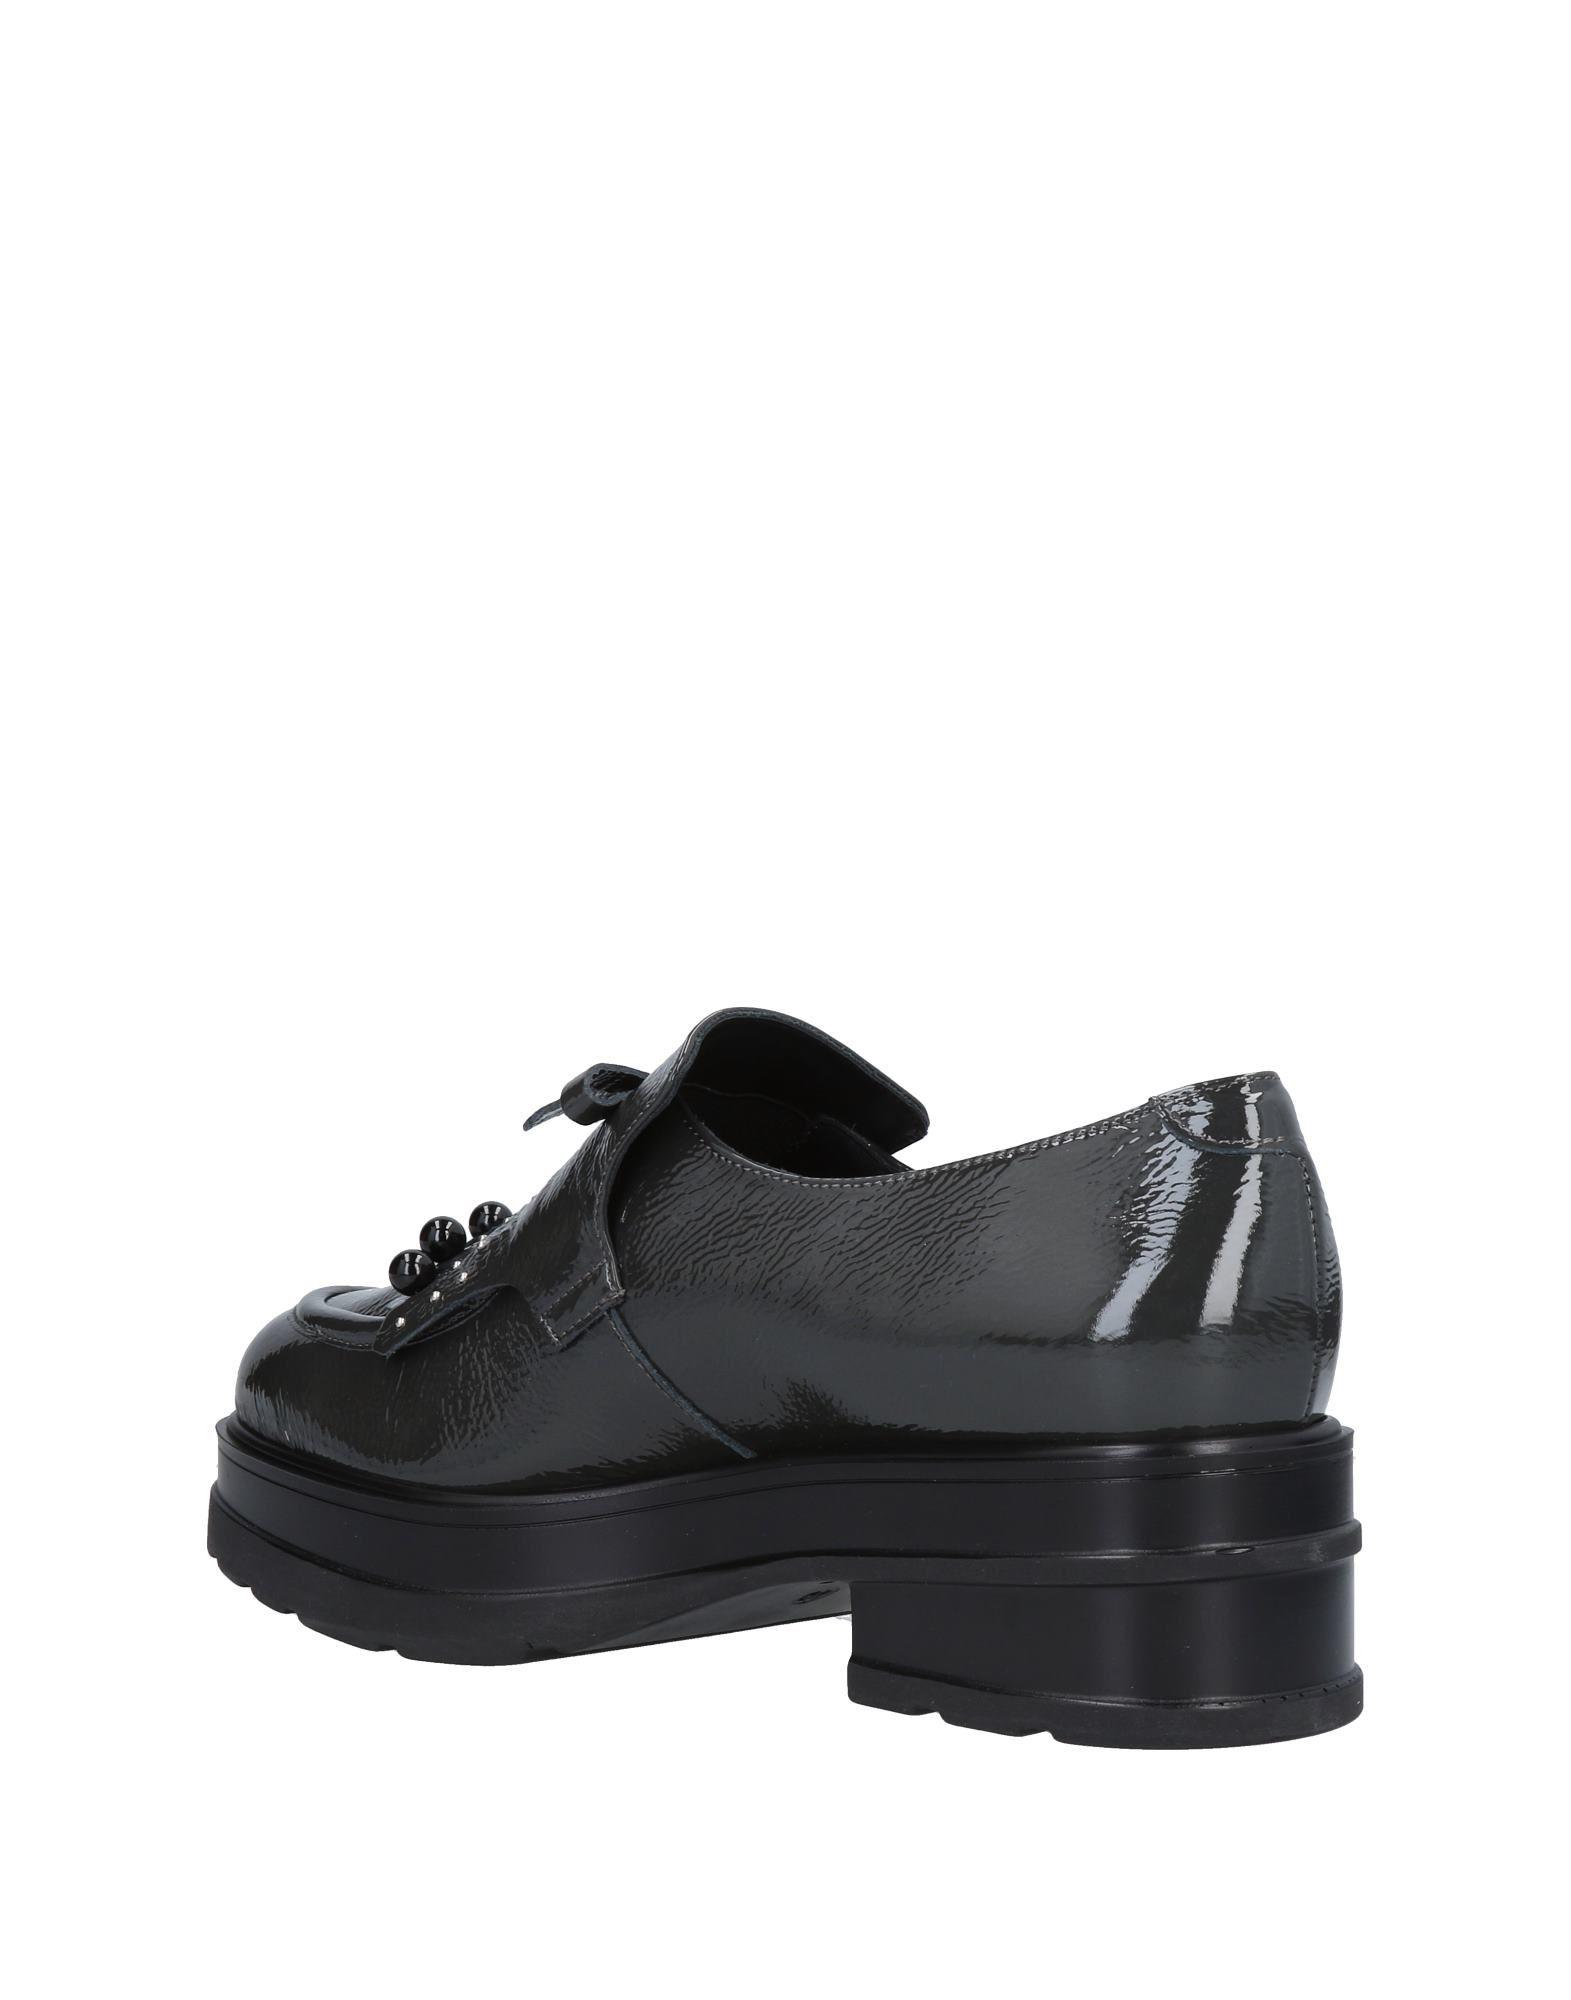 Jeannot Gute Mokassins Damen  11488549KH Gute Jeannot Qualität beliebte Schuhe 2c9edb